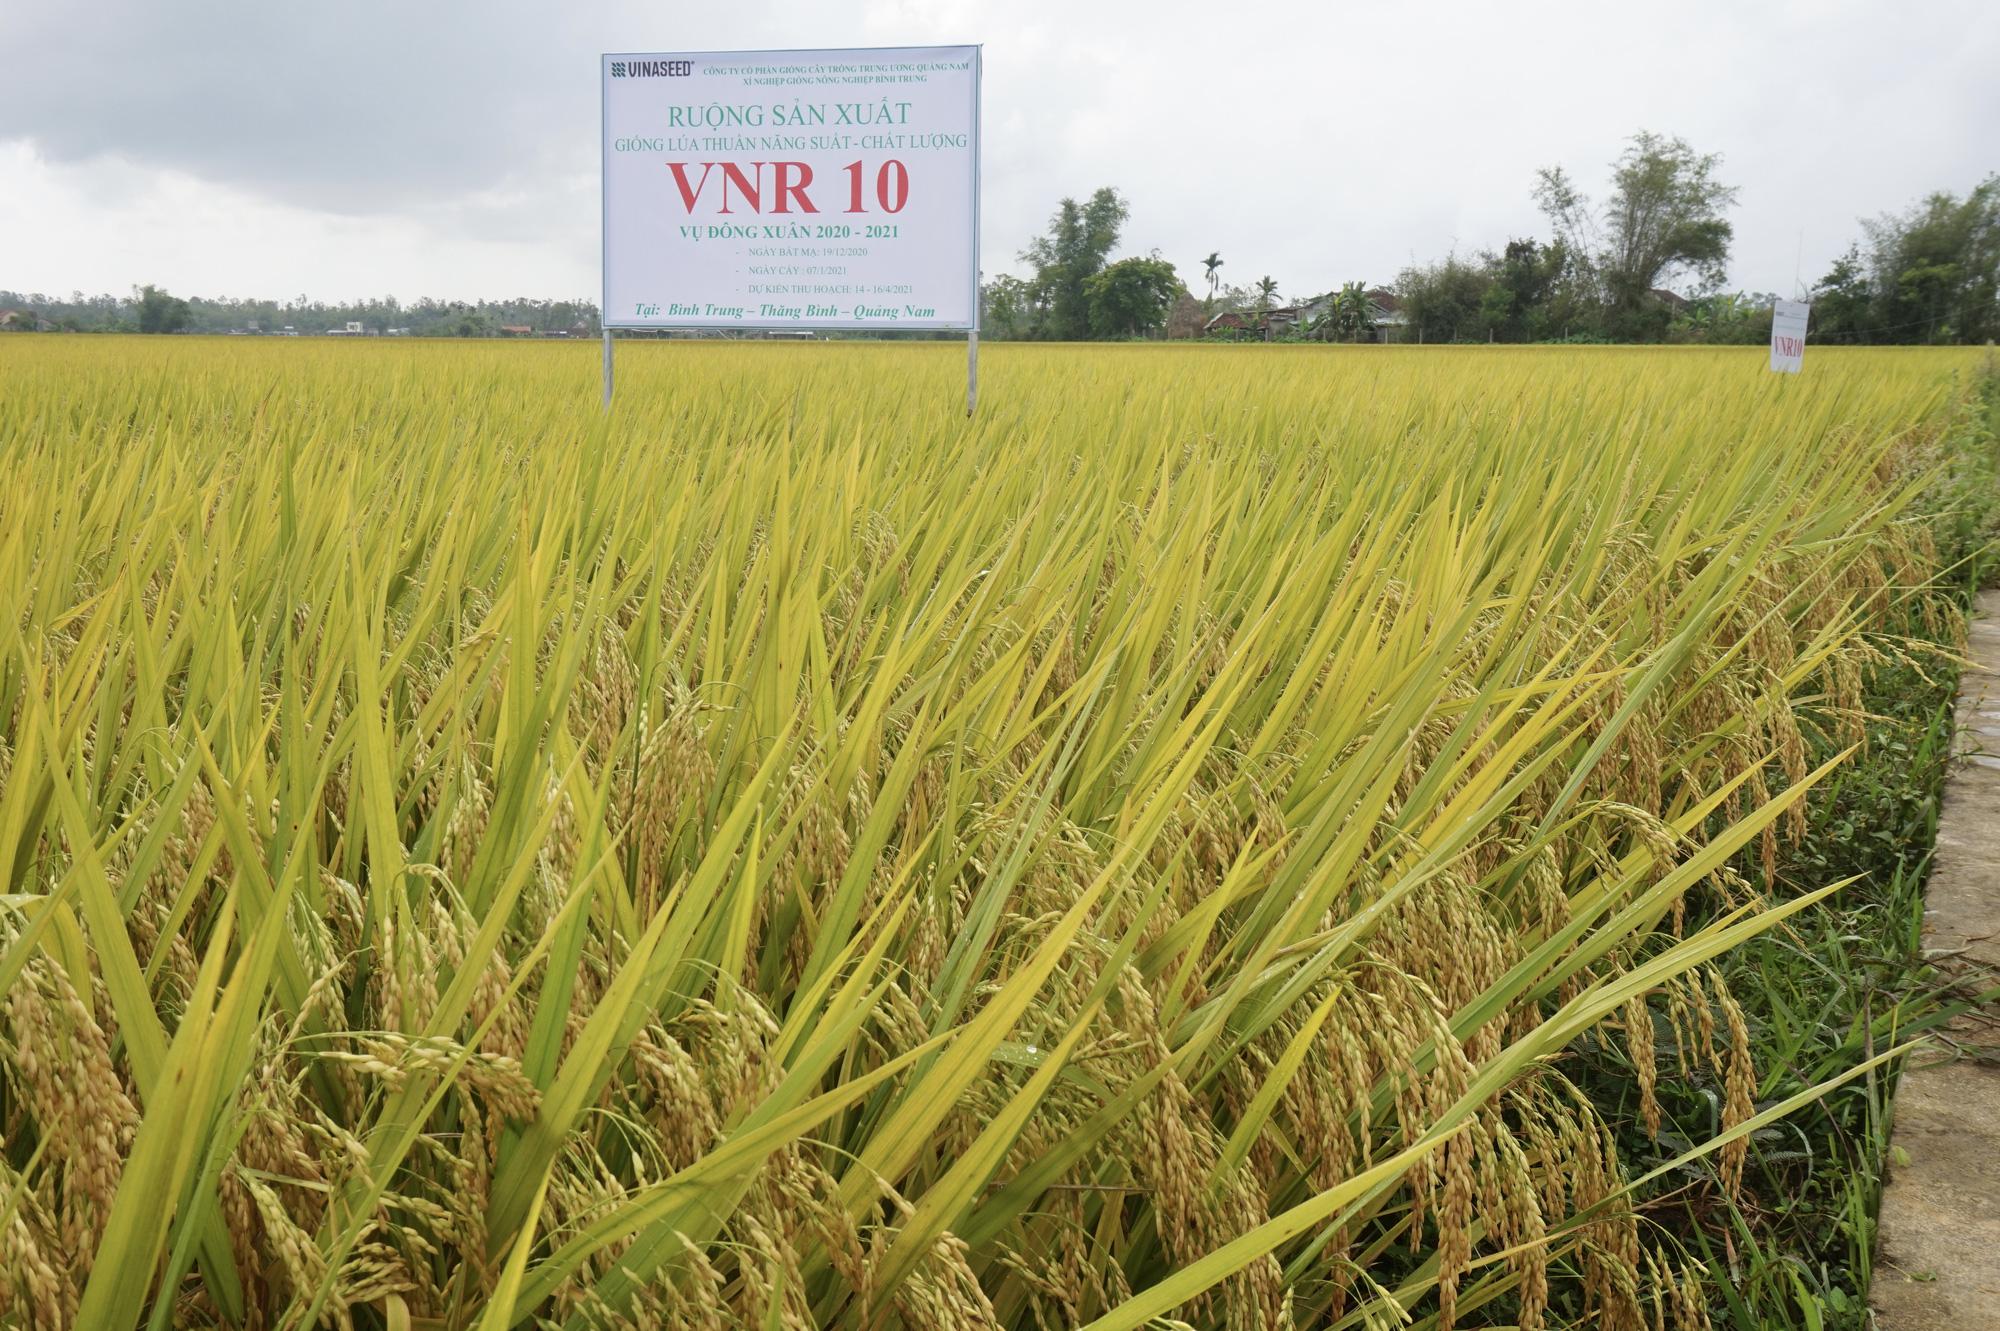 Quảng Nam: Bất ngờ với hai giống lúa mới năng suất cao, chất lượng tốt và chống chịu thời tiết khắc nghiệt - Ảnh 2.